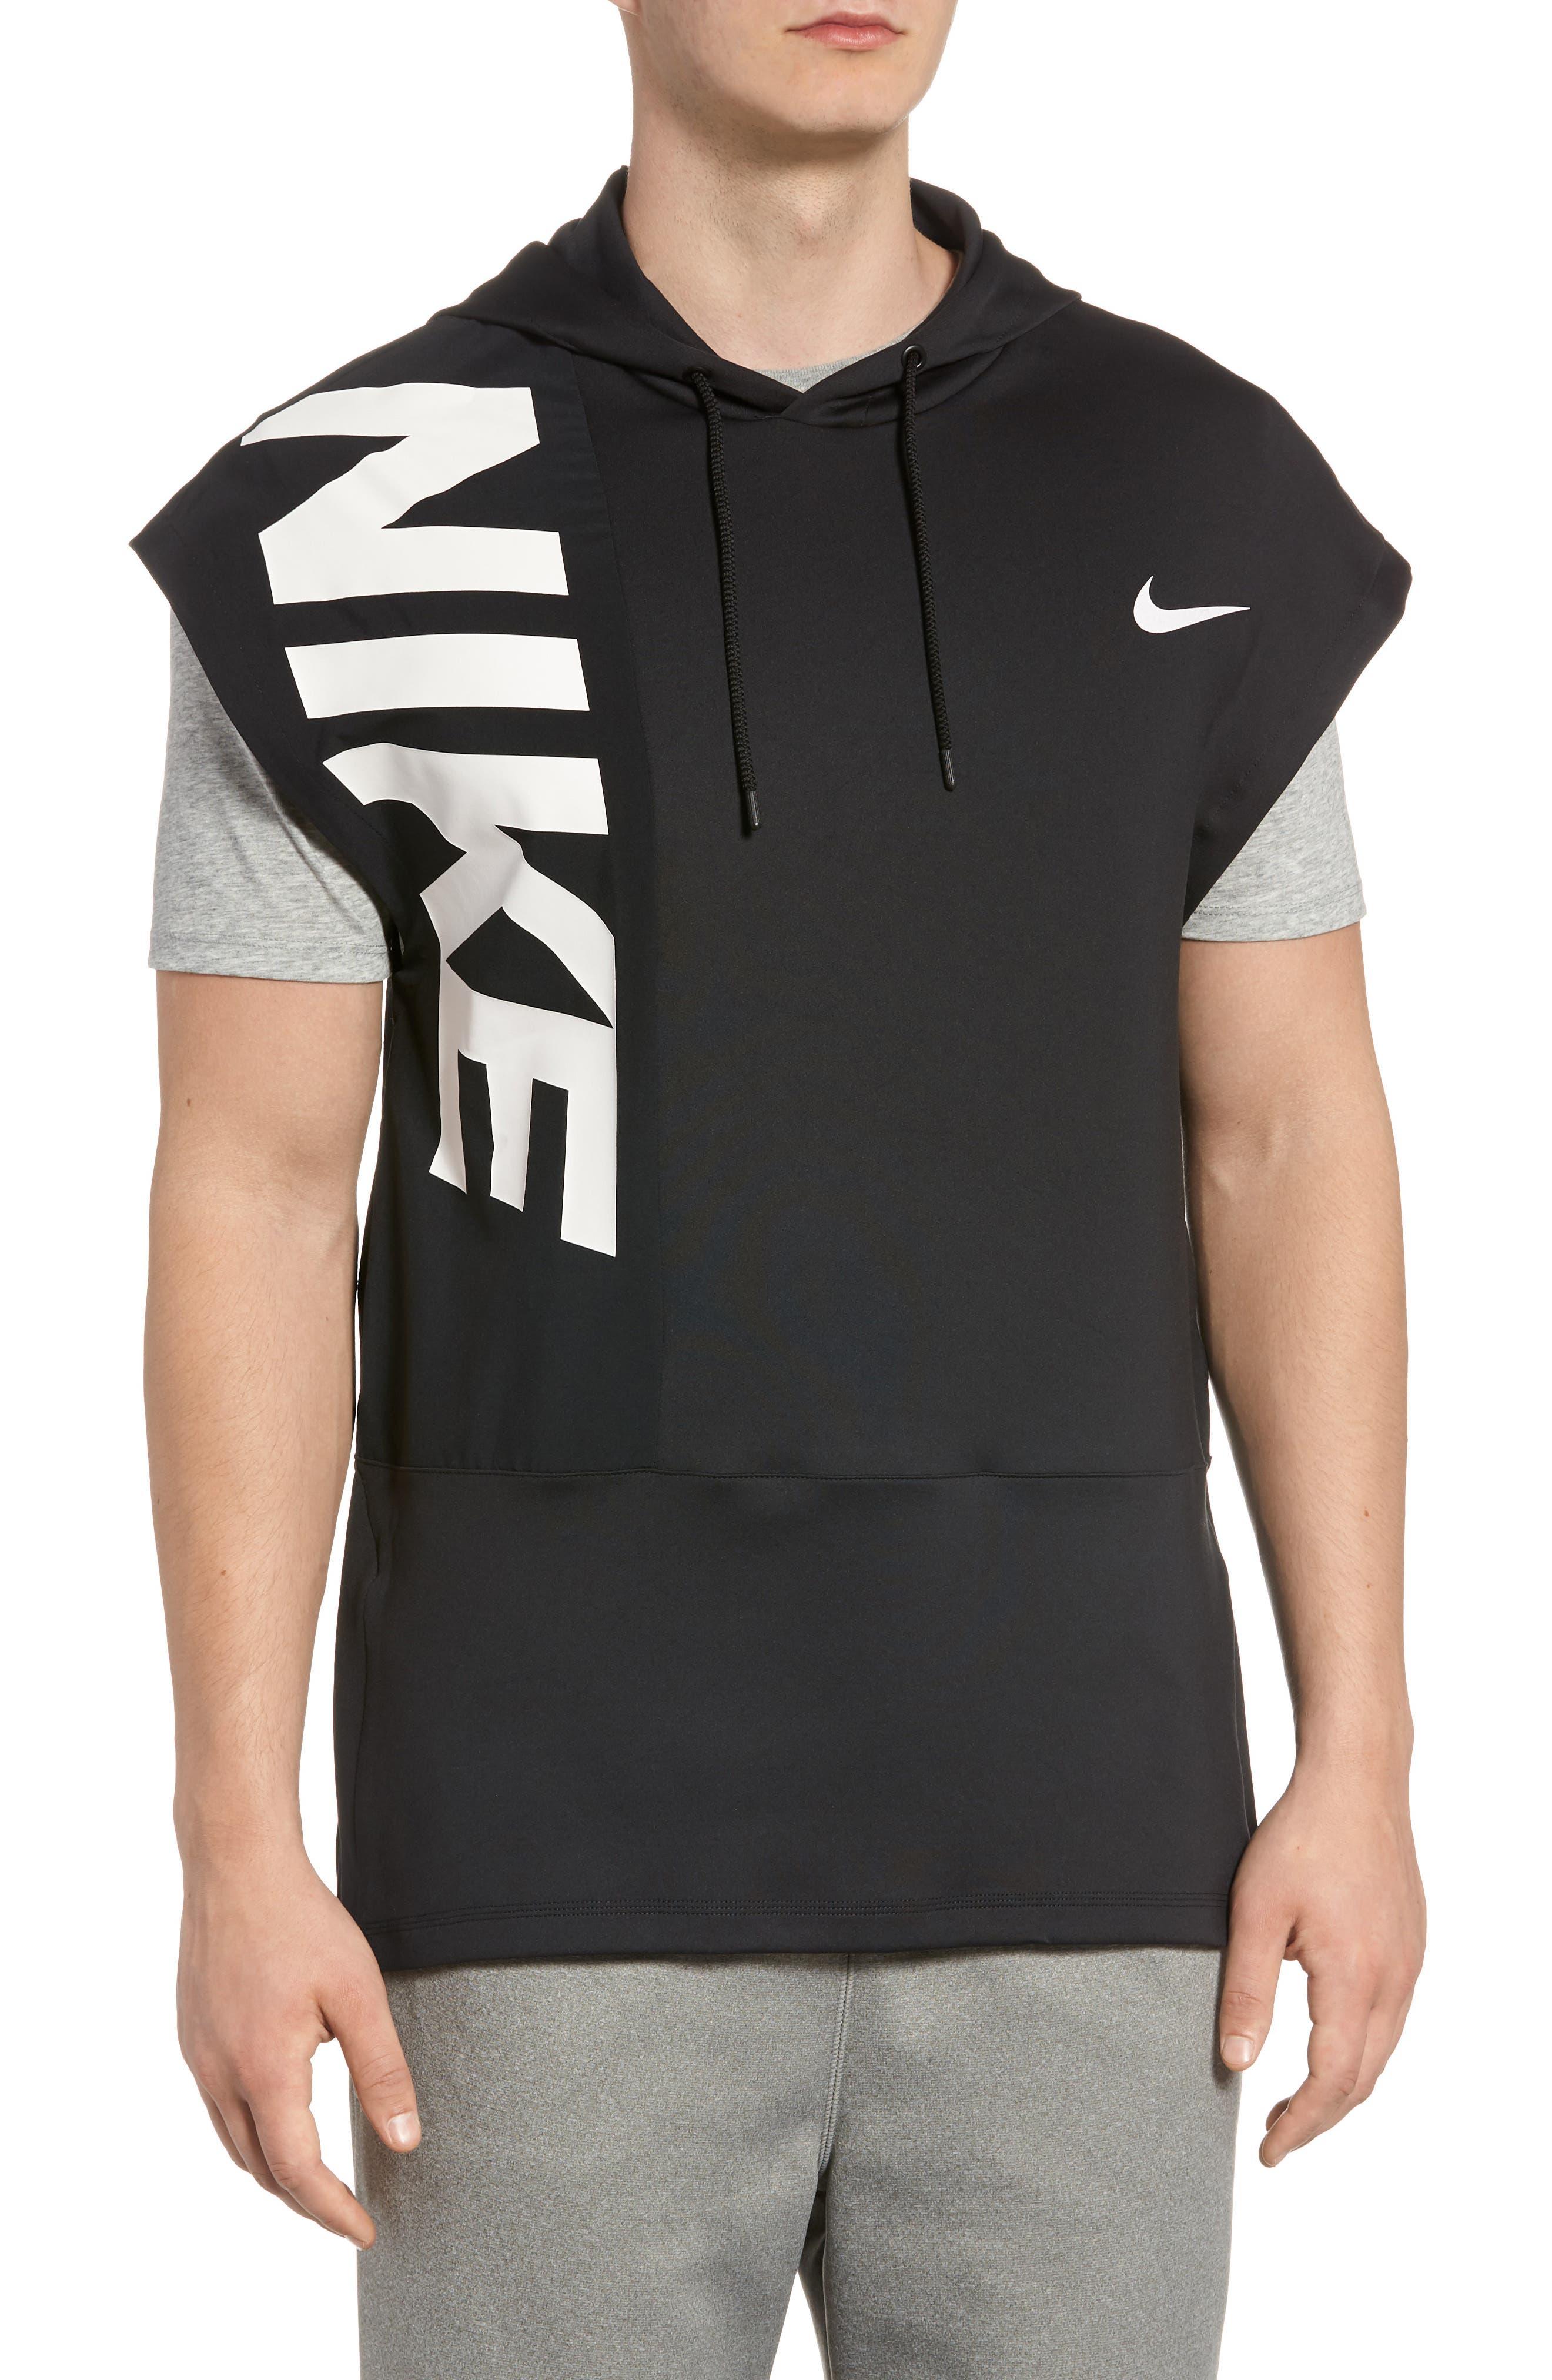 Nike Dry Hooded Tank